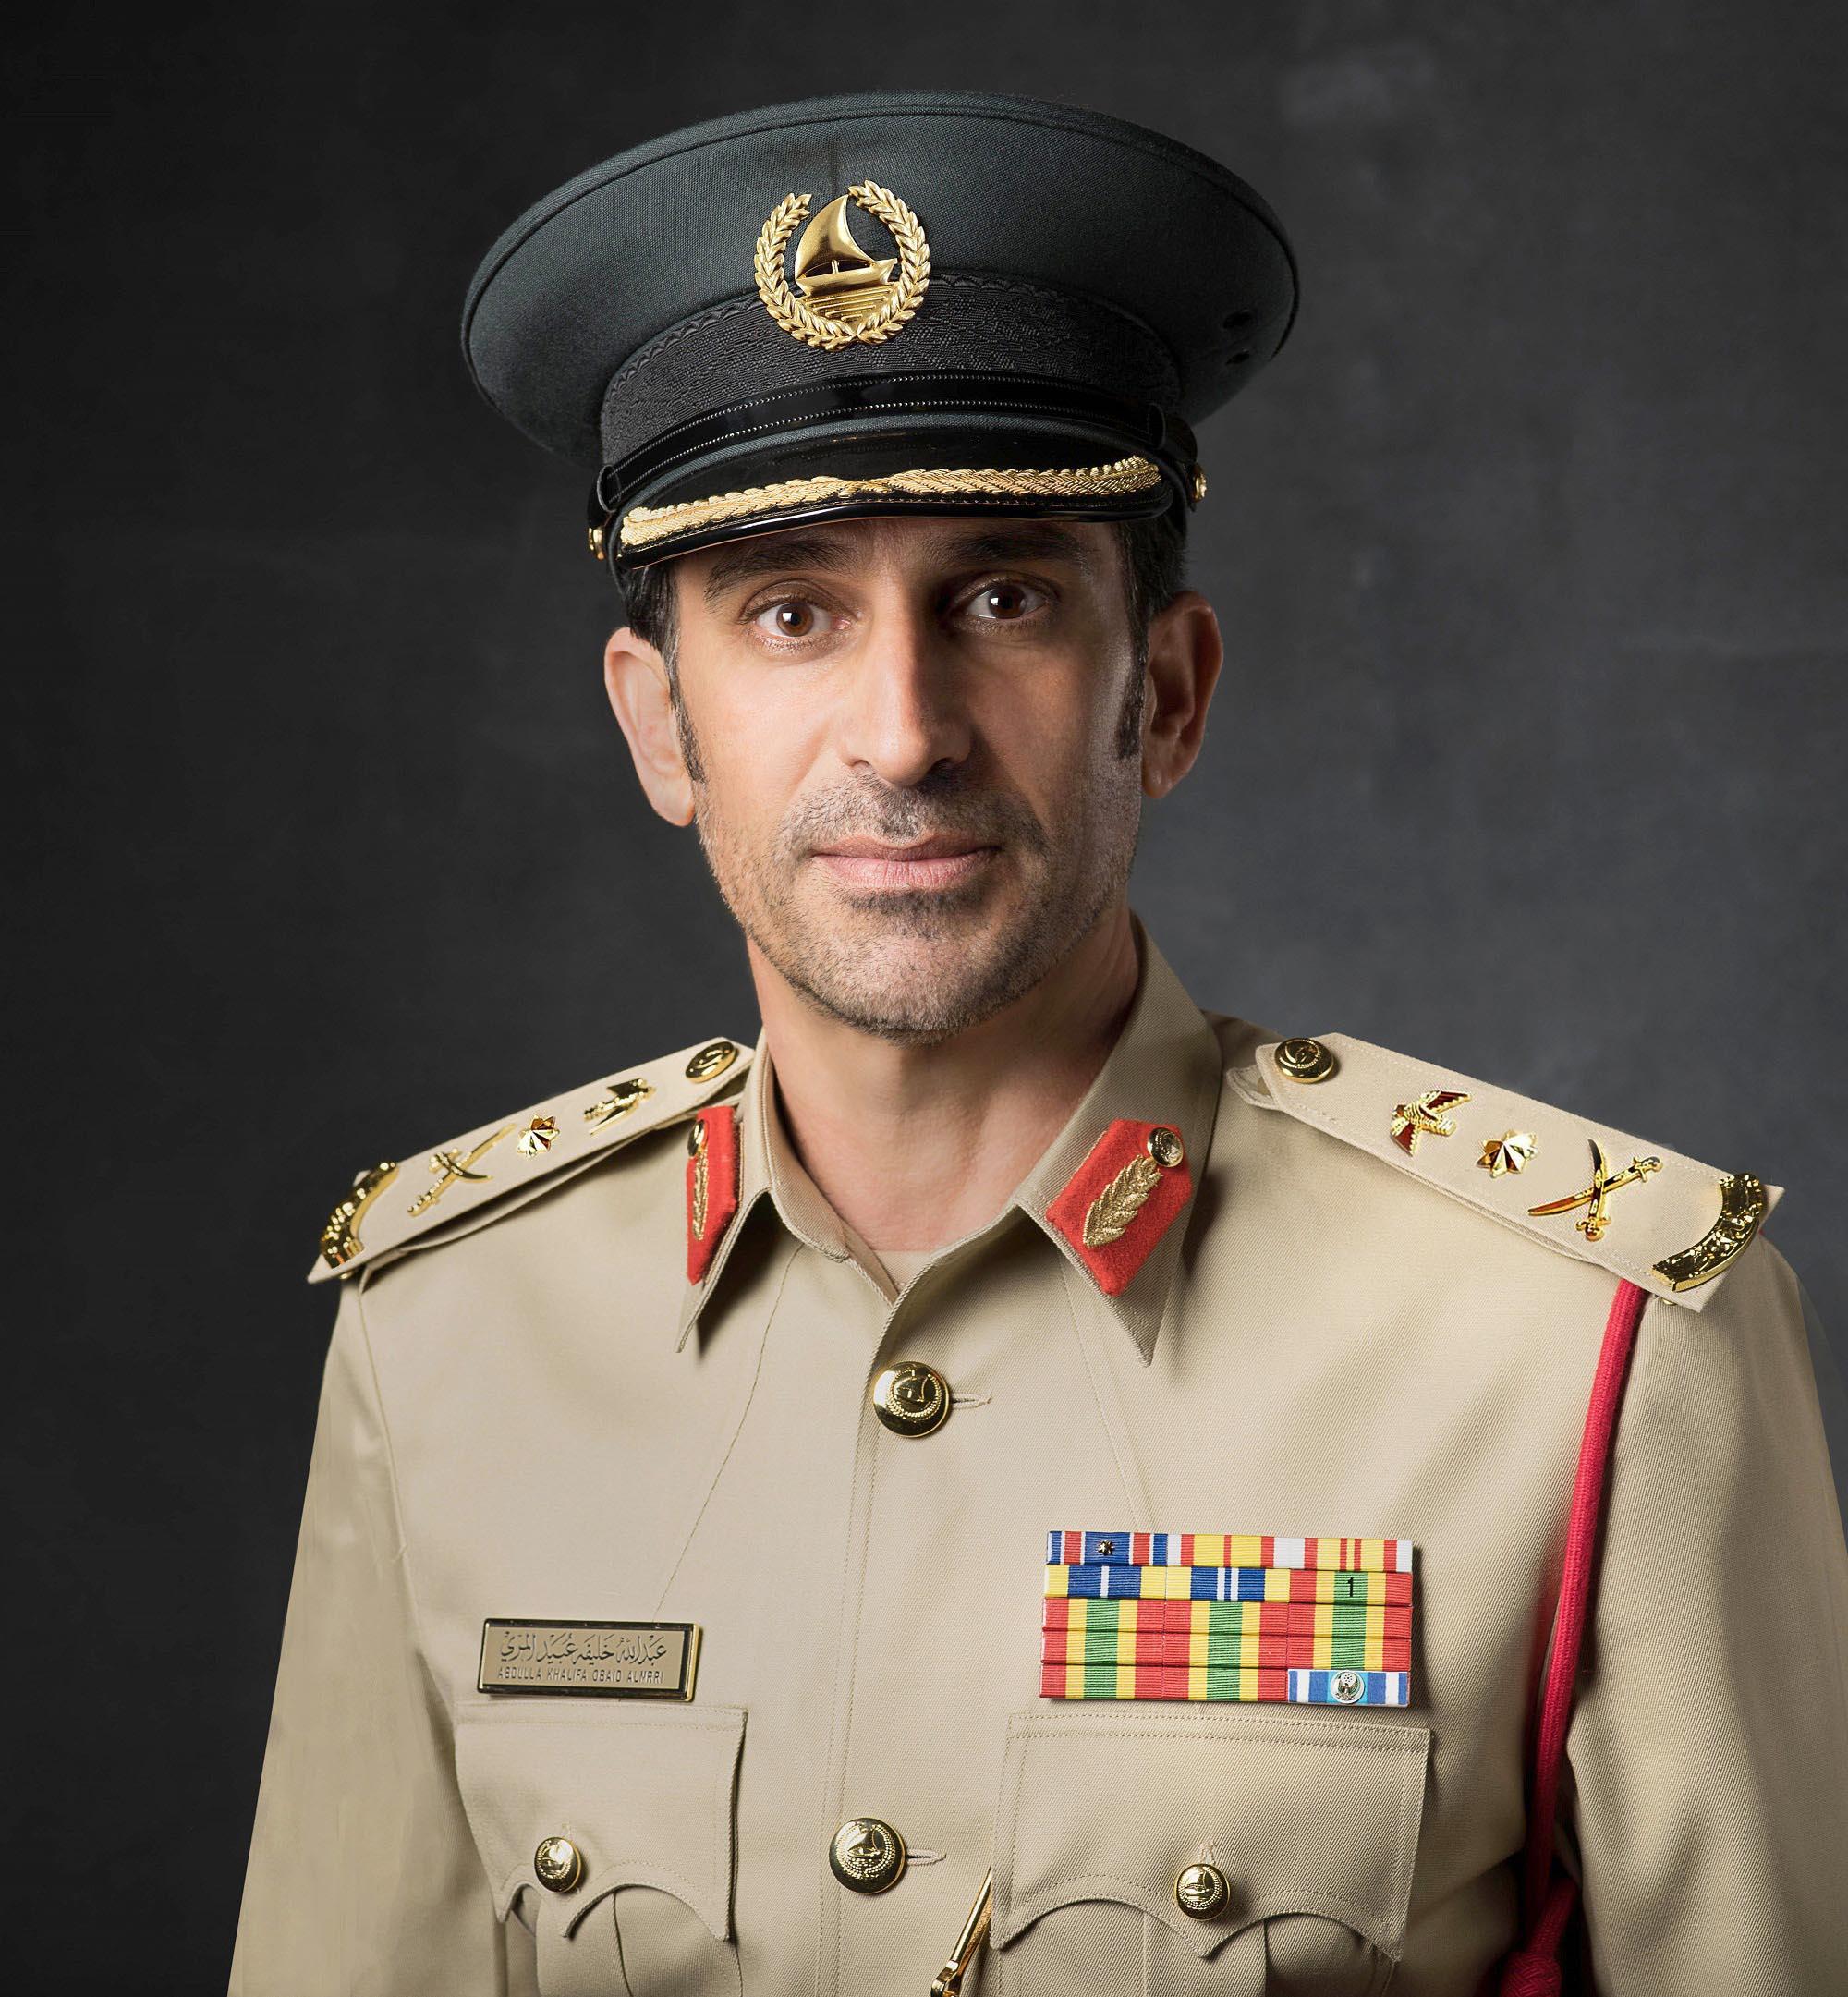 """شرطة دبي والطرق والمواصلات تطلقان حملة """"افسح الطريق في المسار السريع"""""""